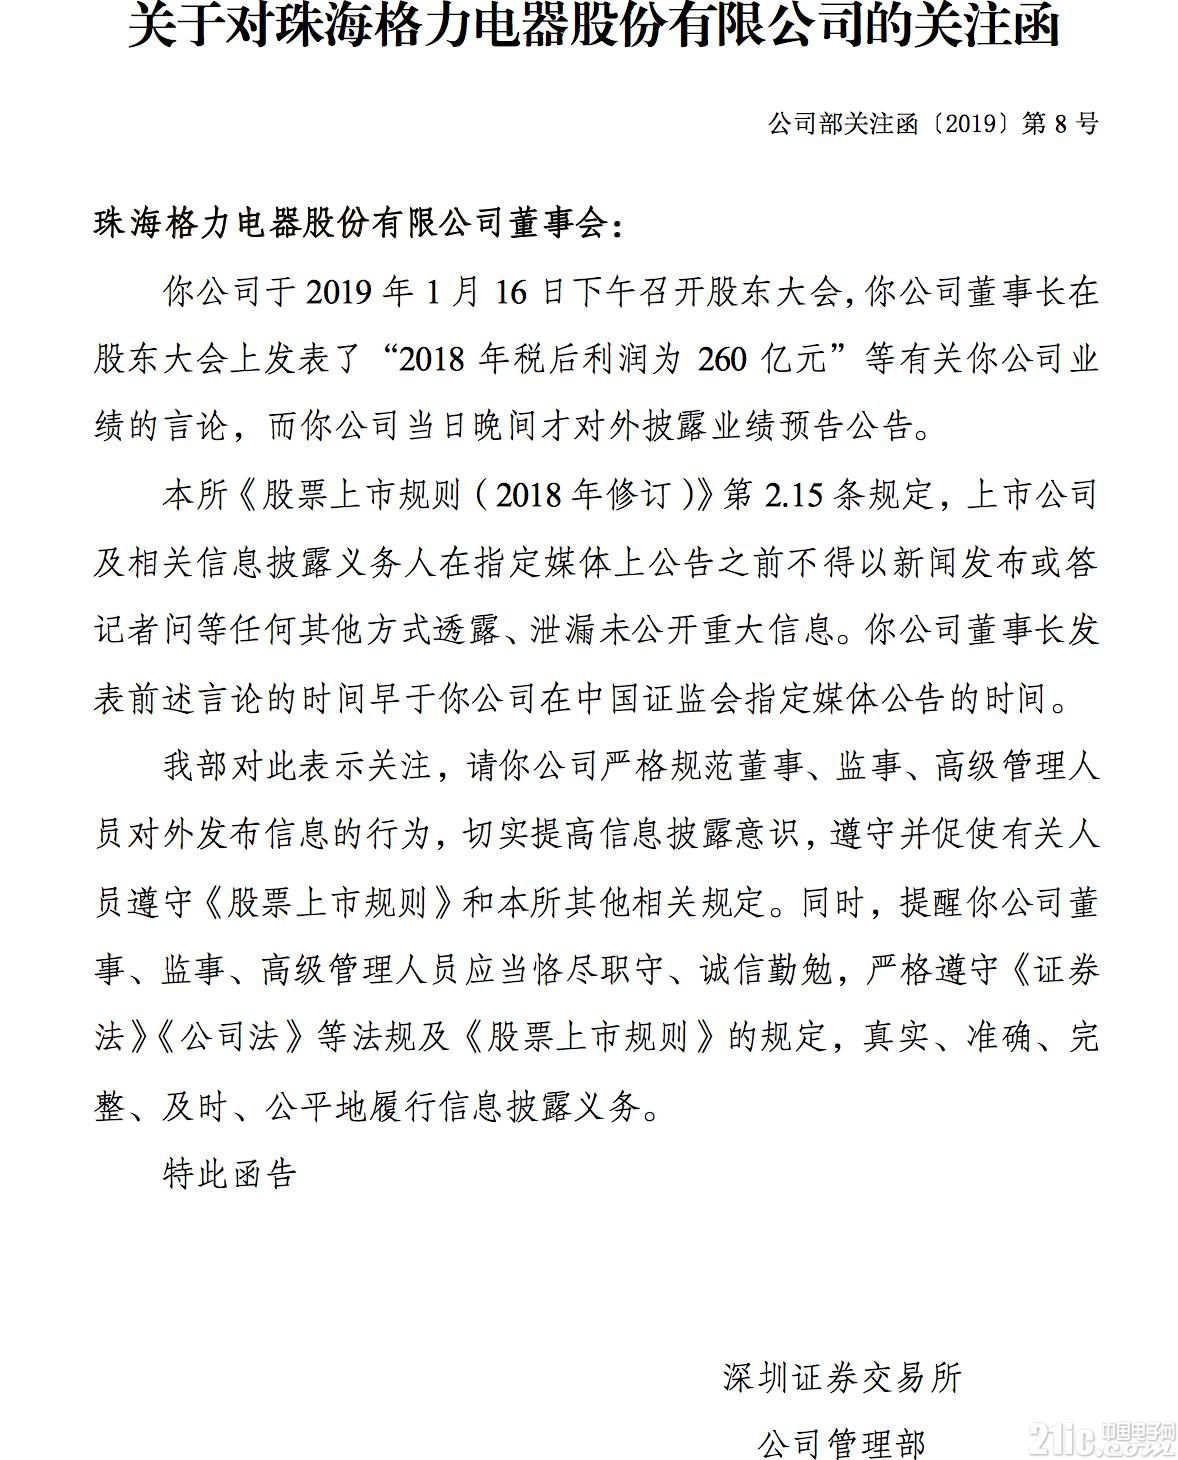 董明珠违规公布净利润,深交所向格力电器下发关注函